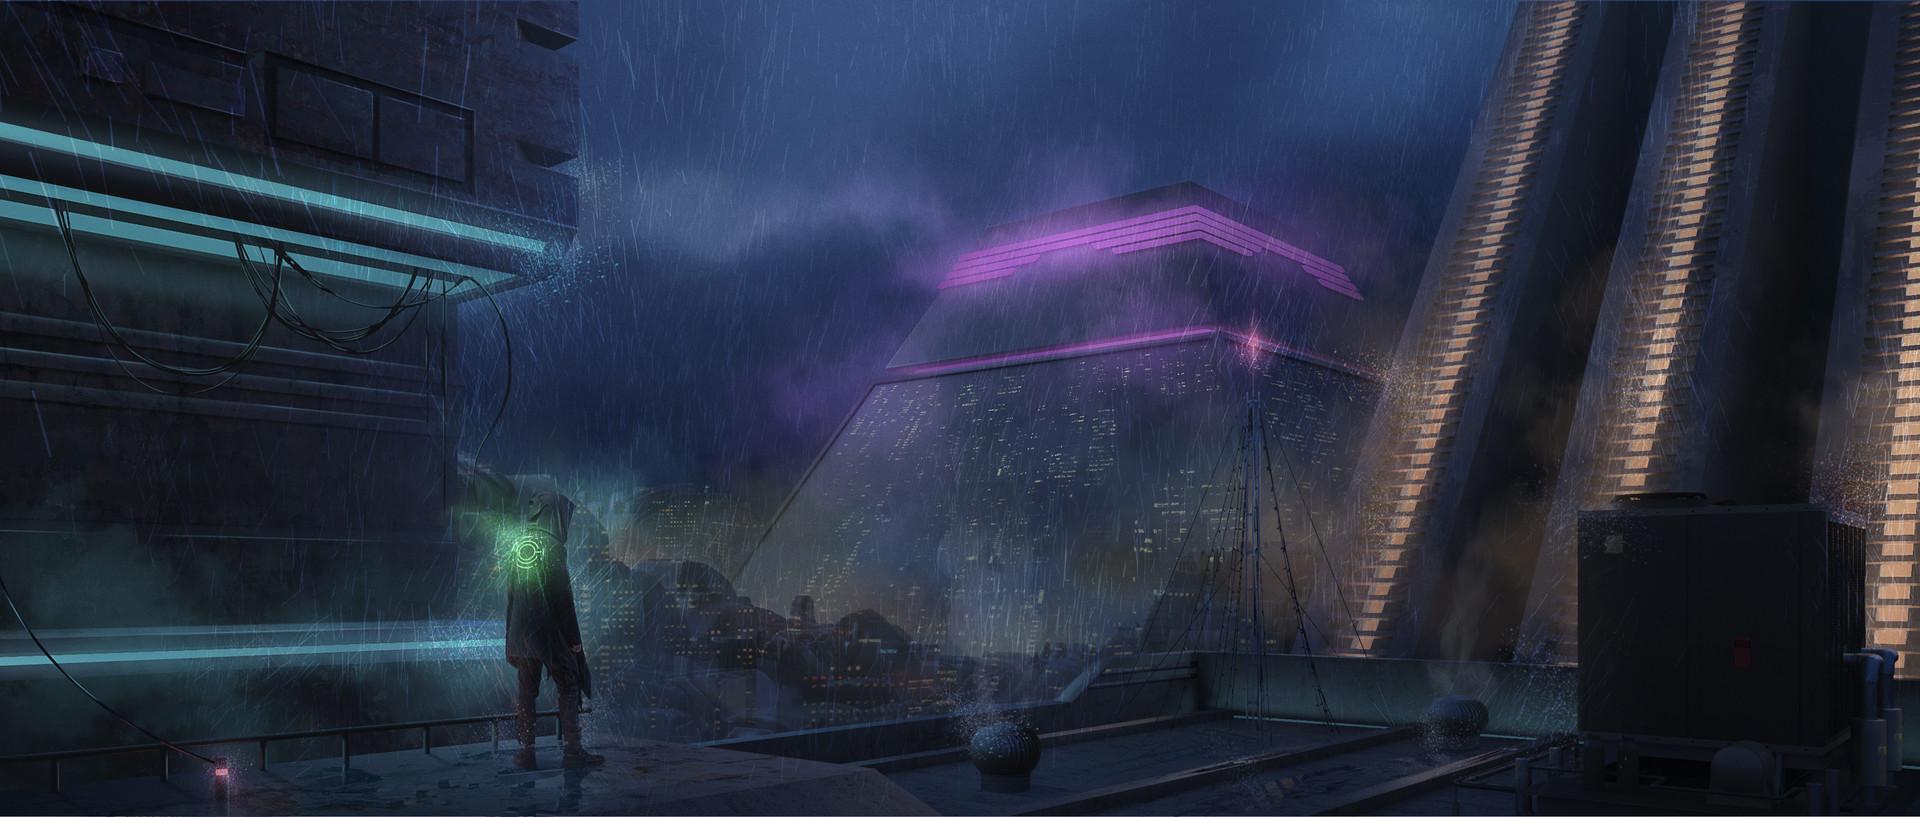 Rain City by Raúl CM : Cyberpunk